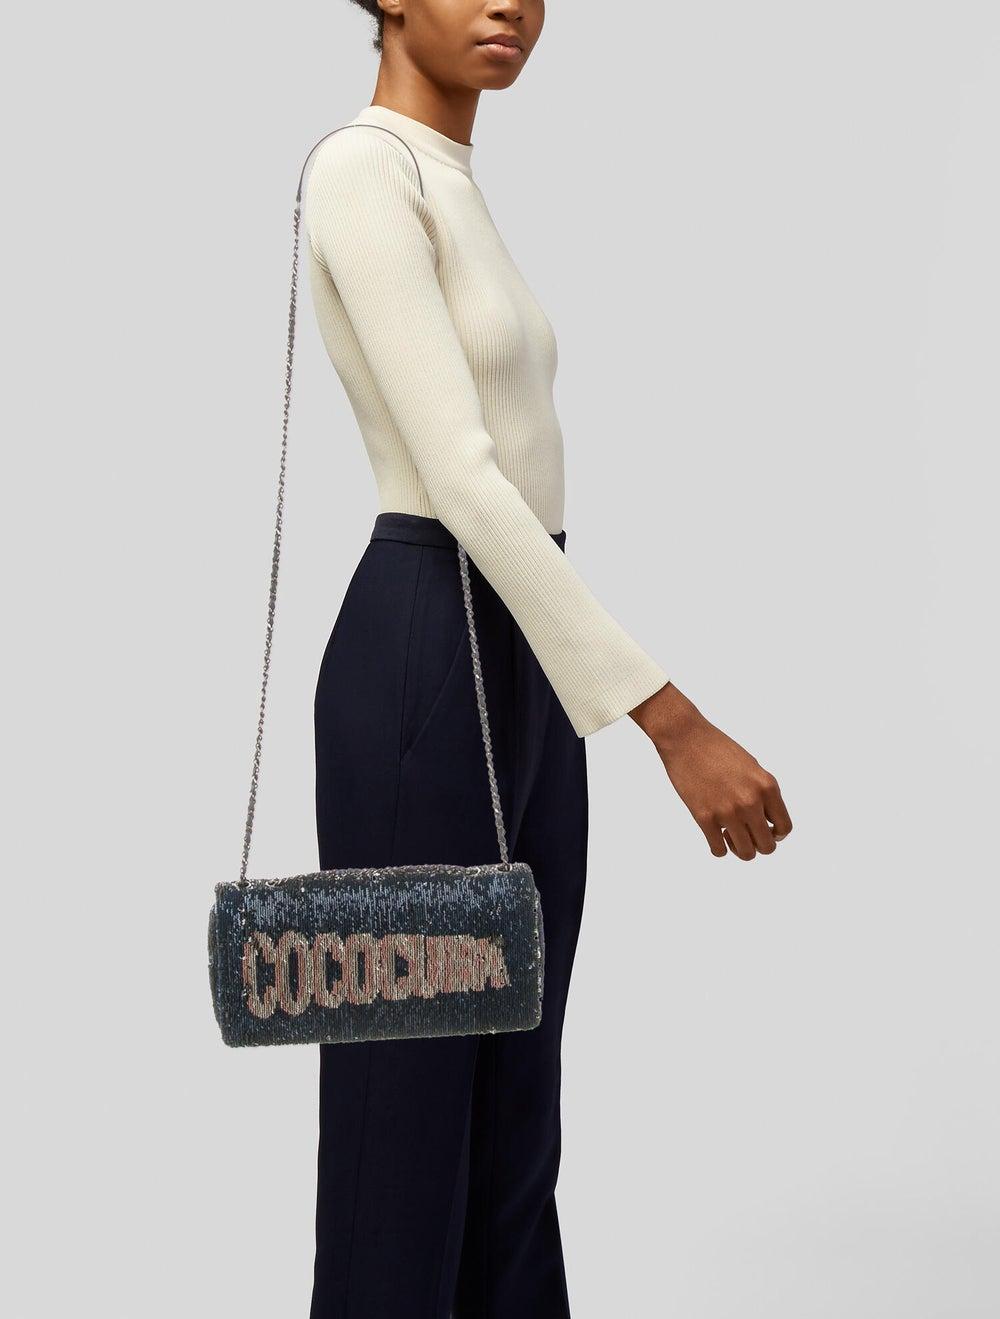 Chanel CocoCuba Sequin Flap Bag Blue - image 2